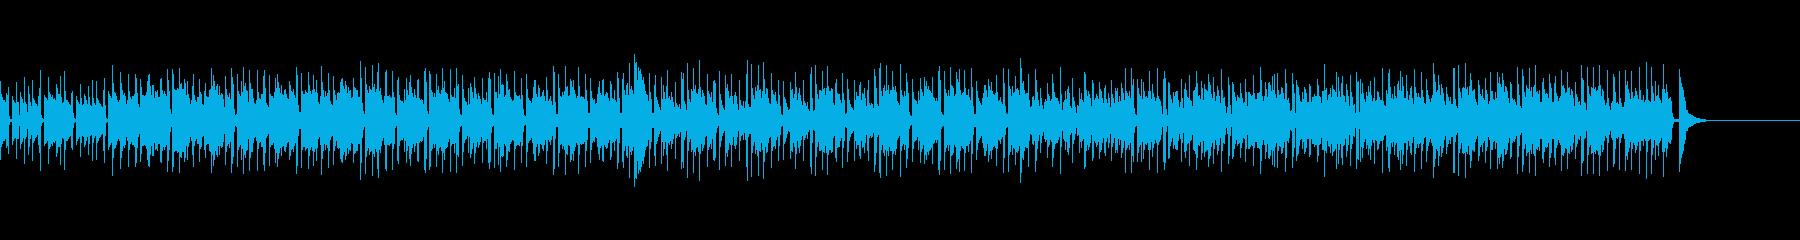 のんびりしたスローライフBGMの再生済みの波形